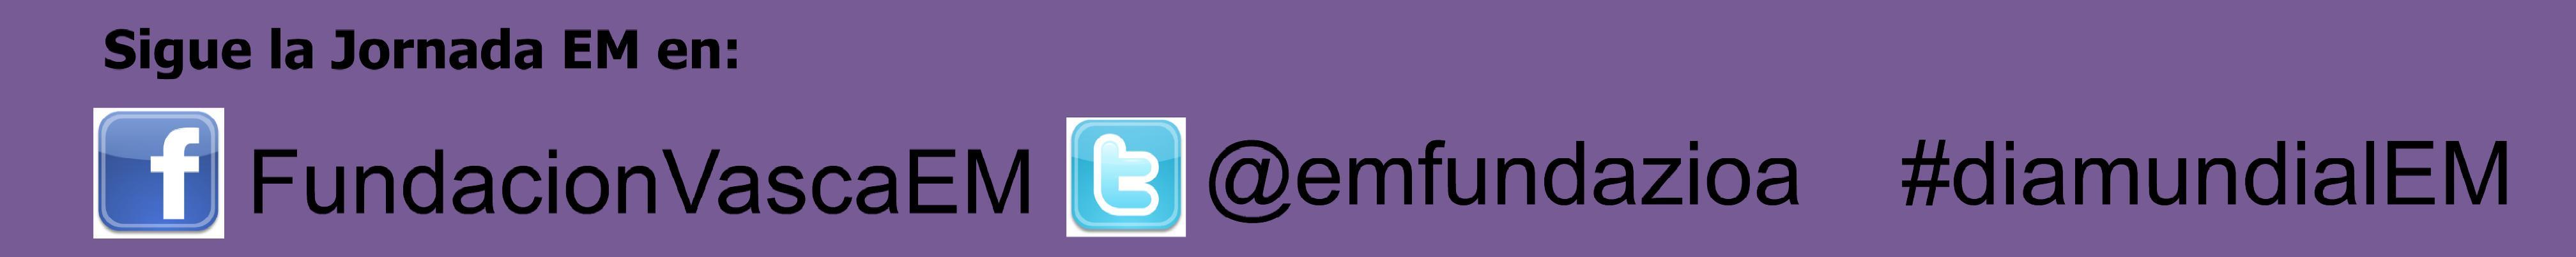 redes sociales de la Fundación Vasca EM